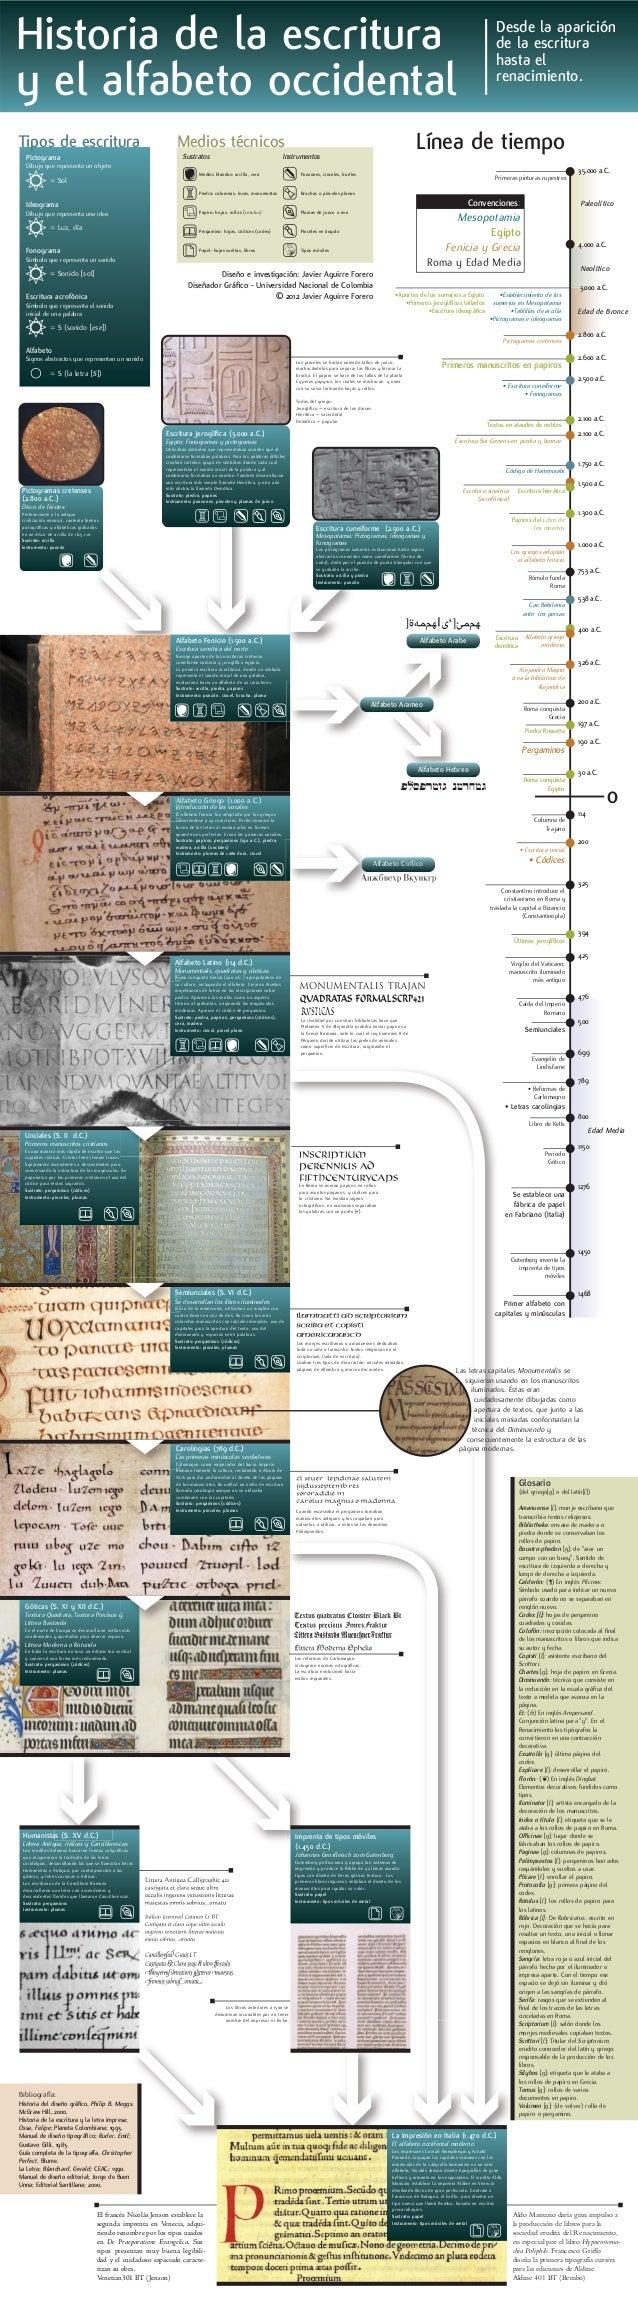 La rivalidad por construir bibliotecas hace que Ptolomeo V de Alejandría prohiba enviar papiros a la Grecia Romana, ante l...